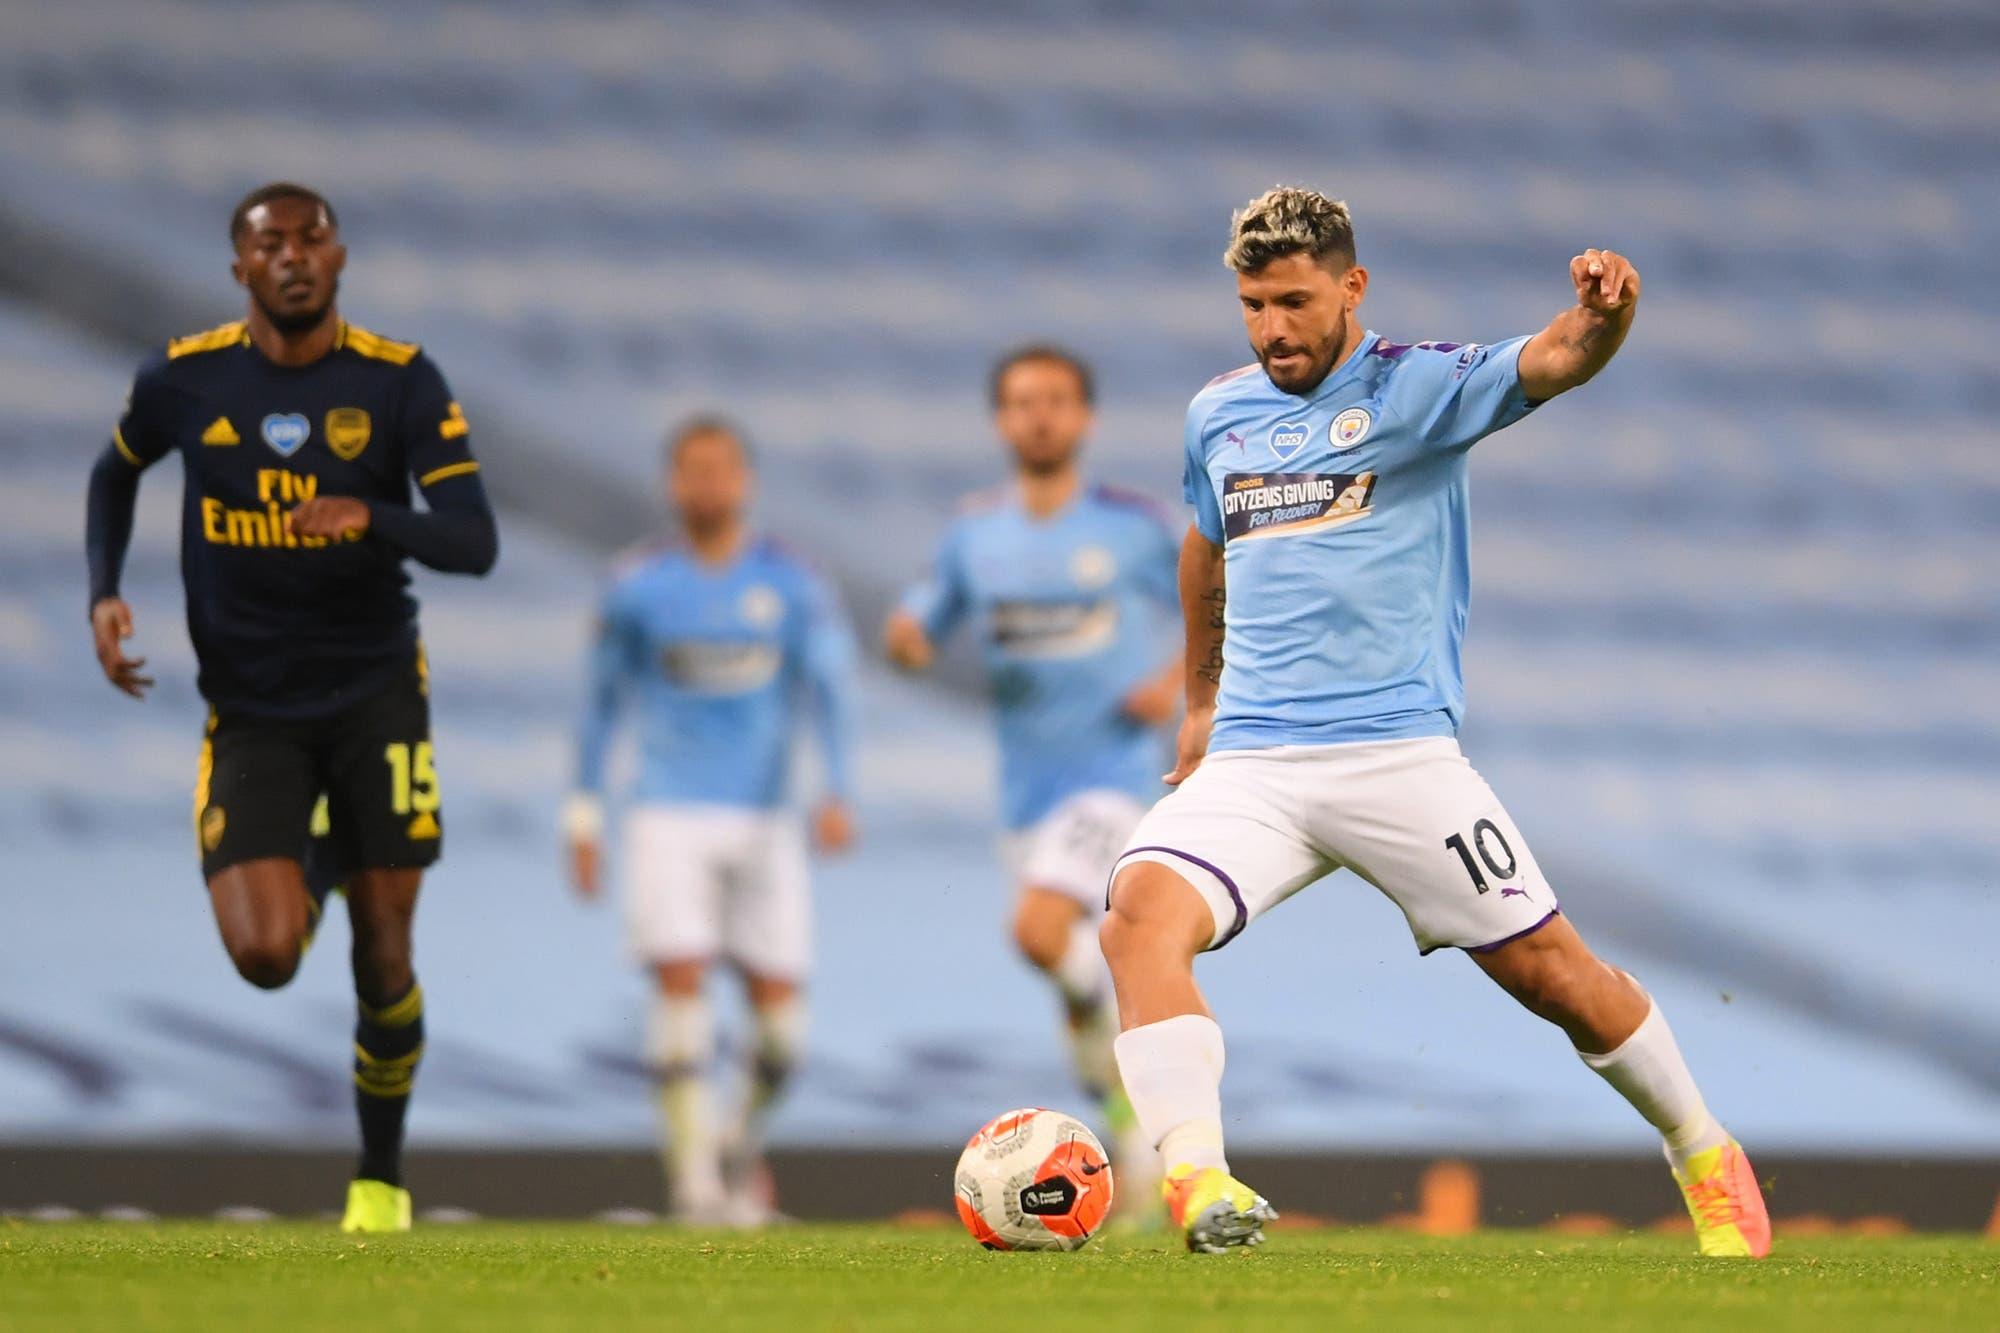 Premier League: Manchester City goleó a Arsenal en una noche con lesionados y los lamentos de David Luiz